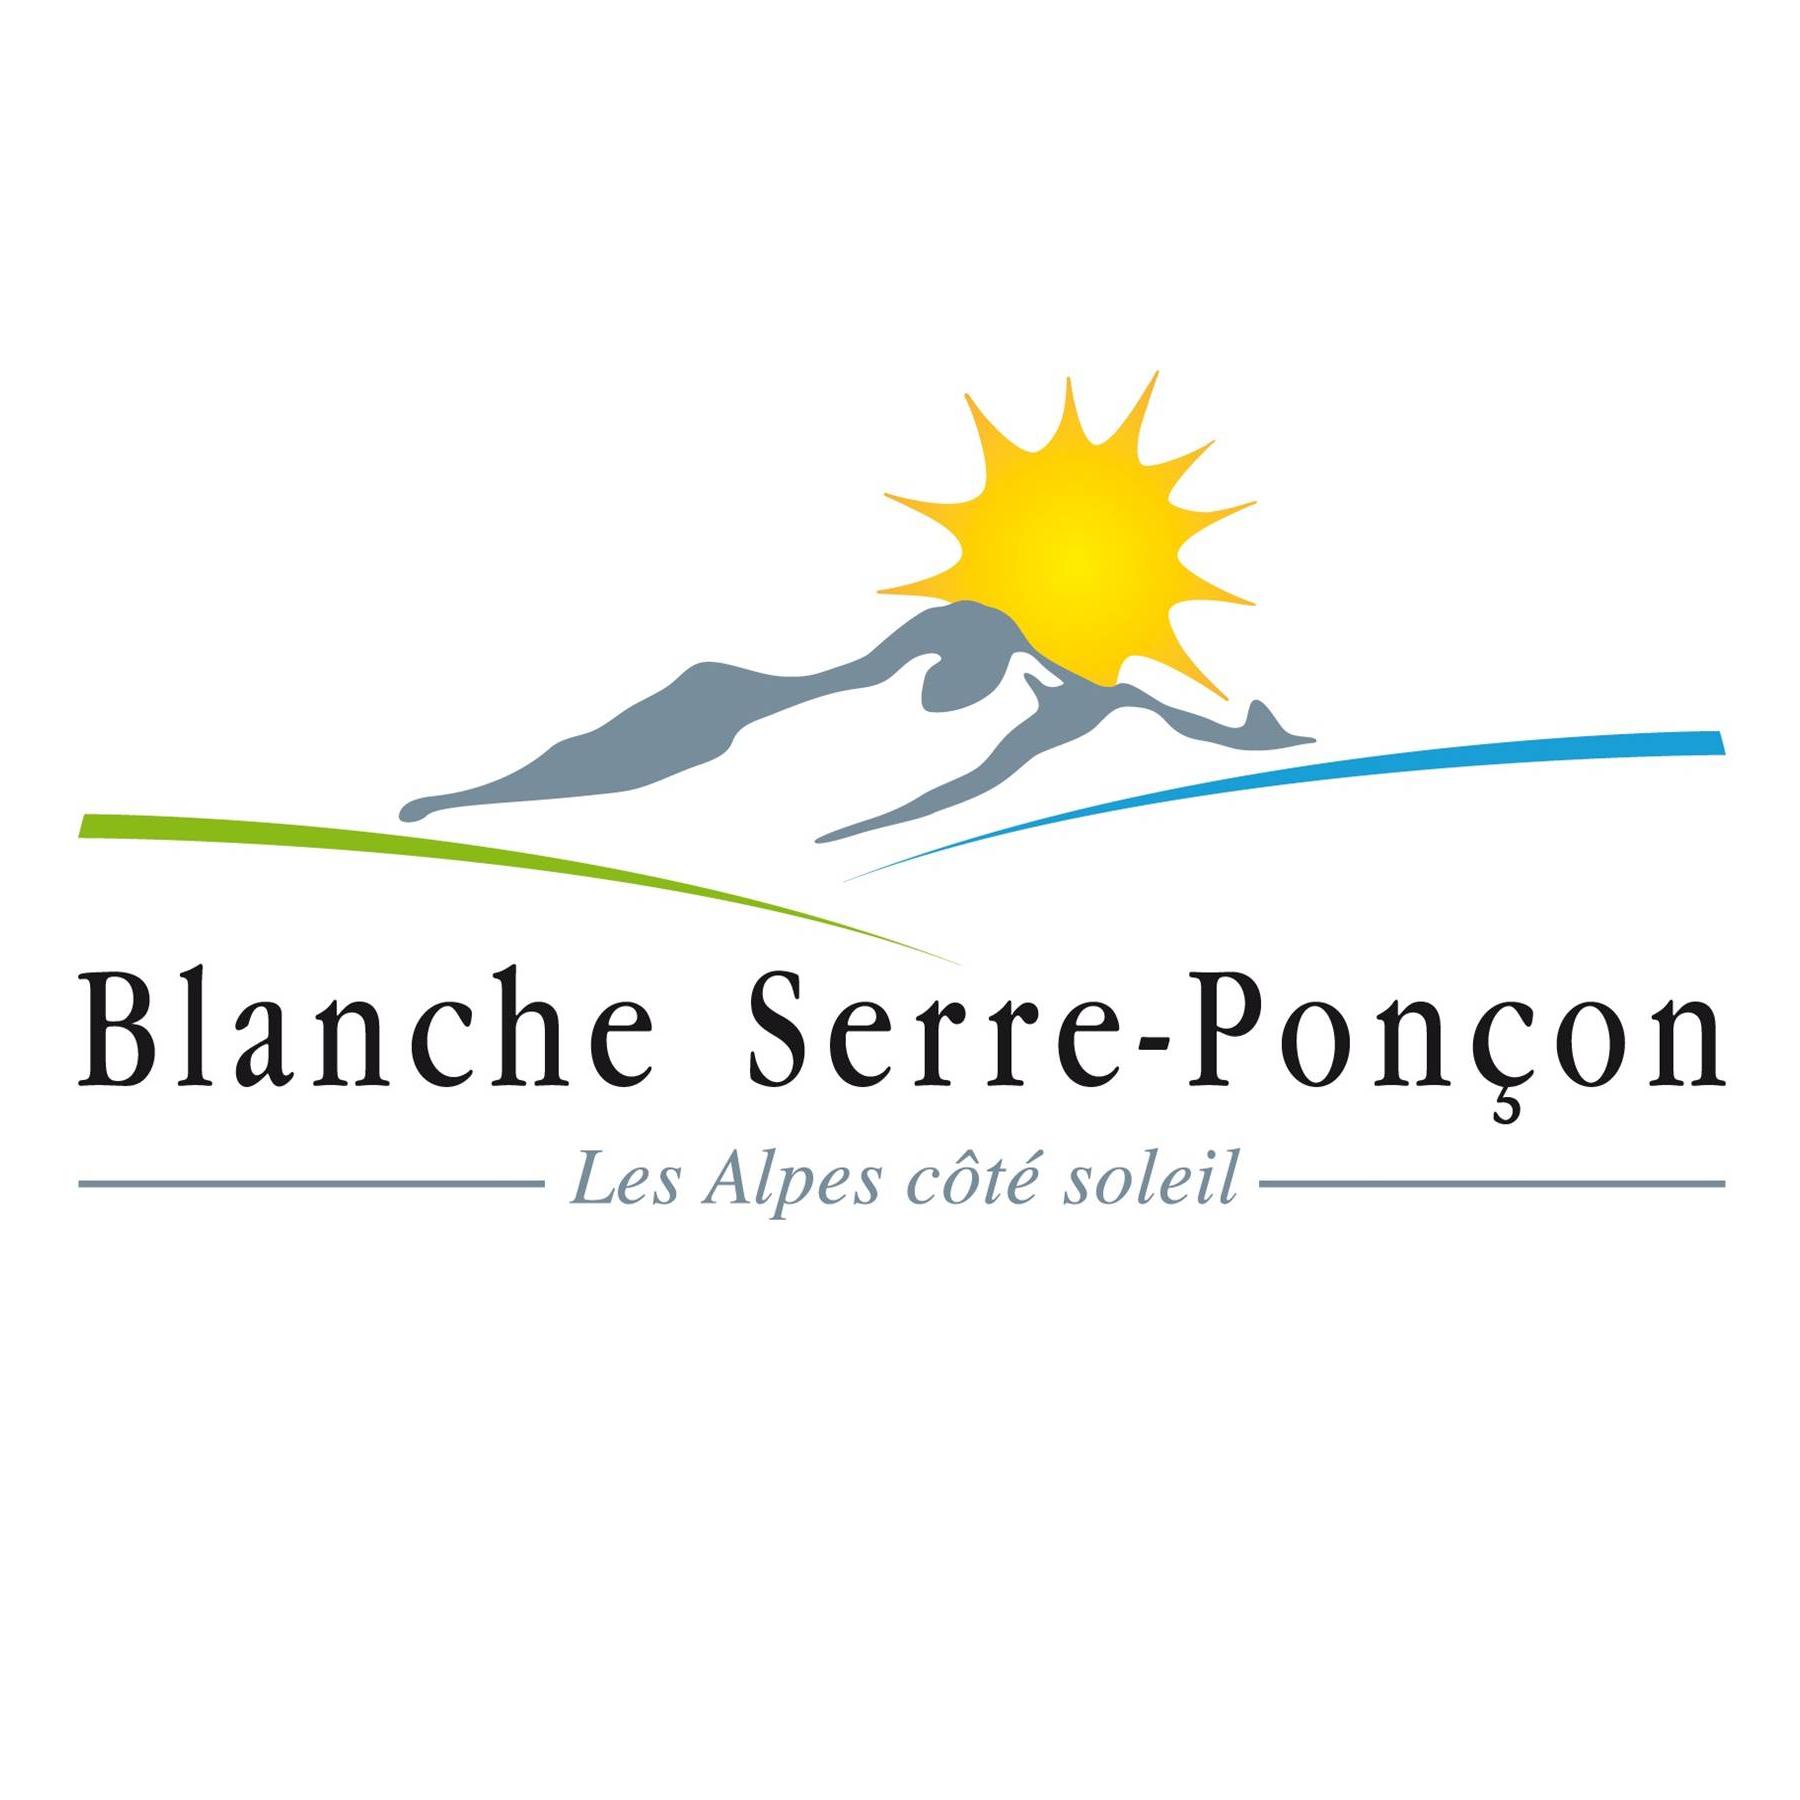 OT_Blanche_Serre_Poncon